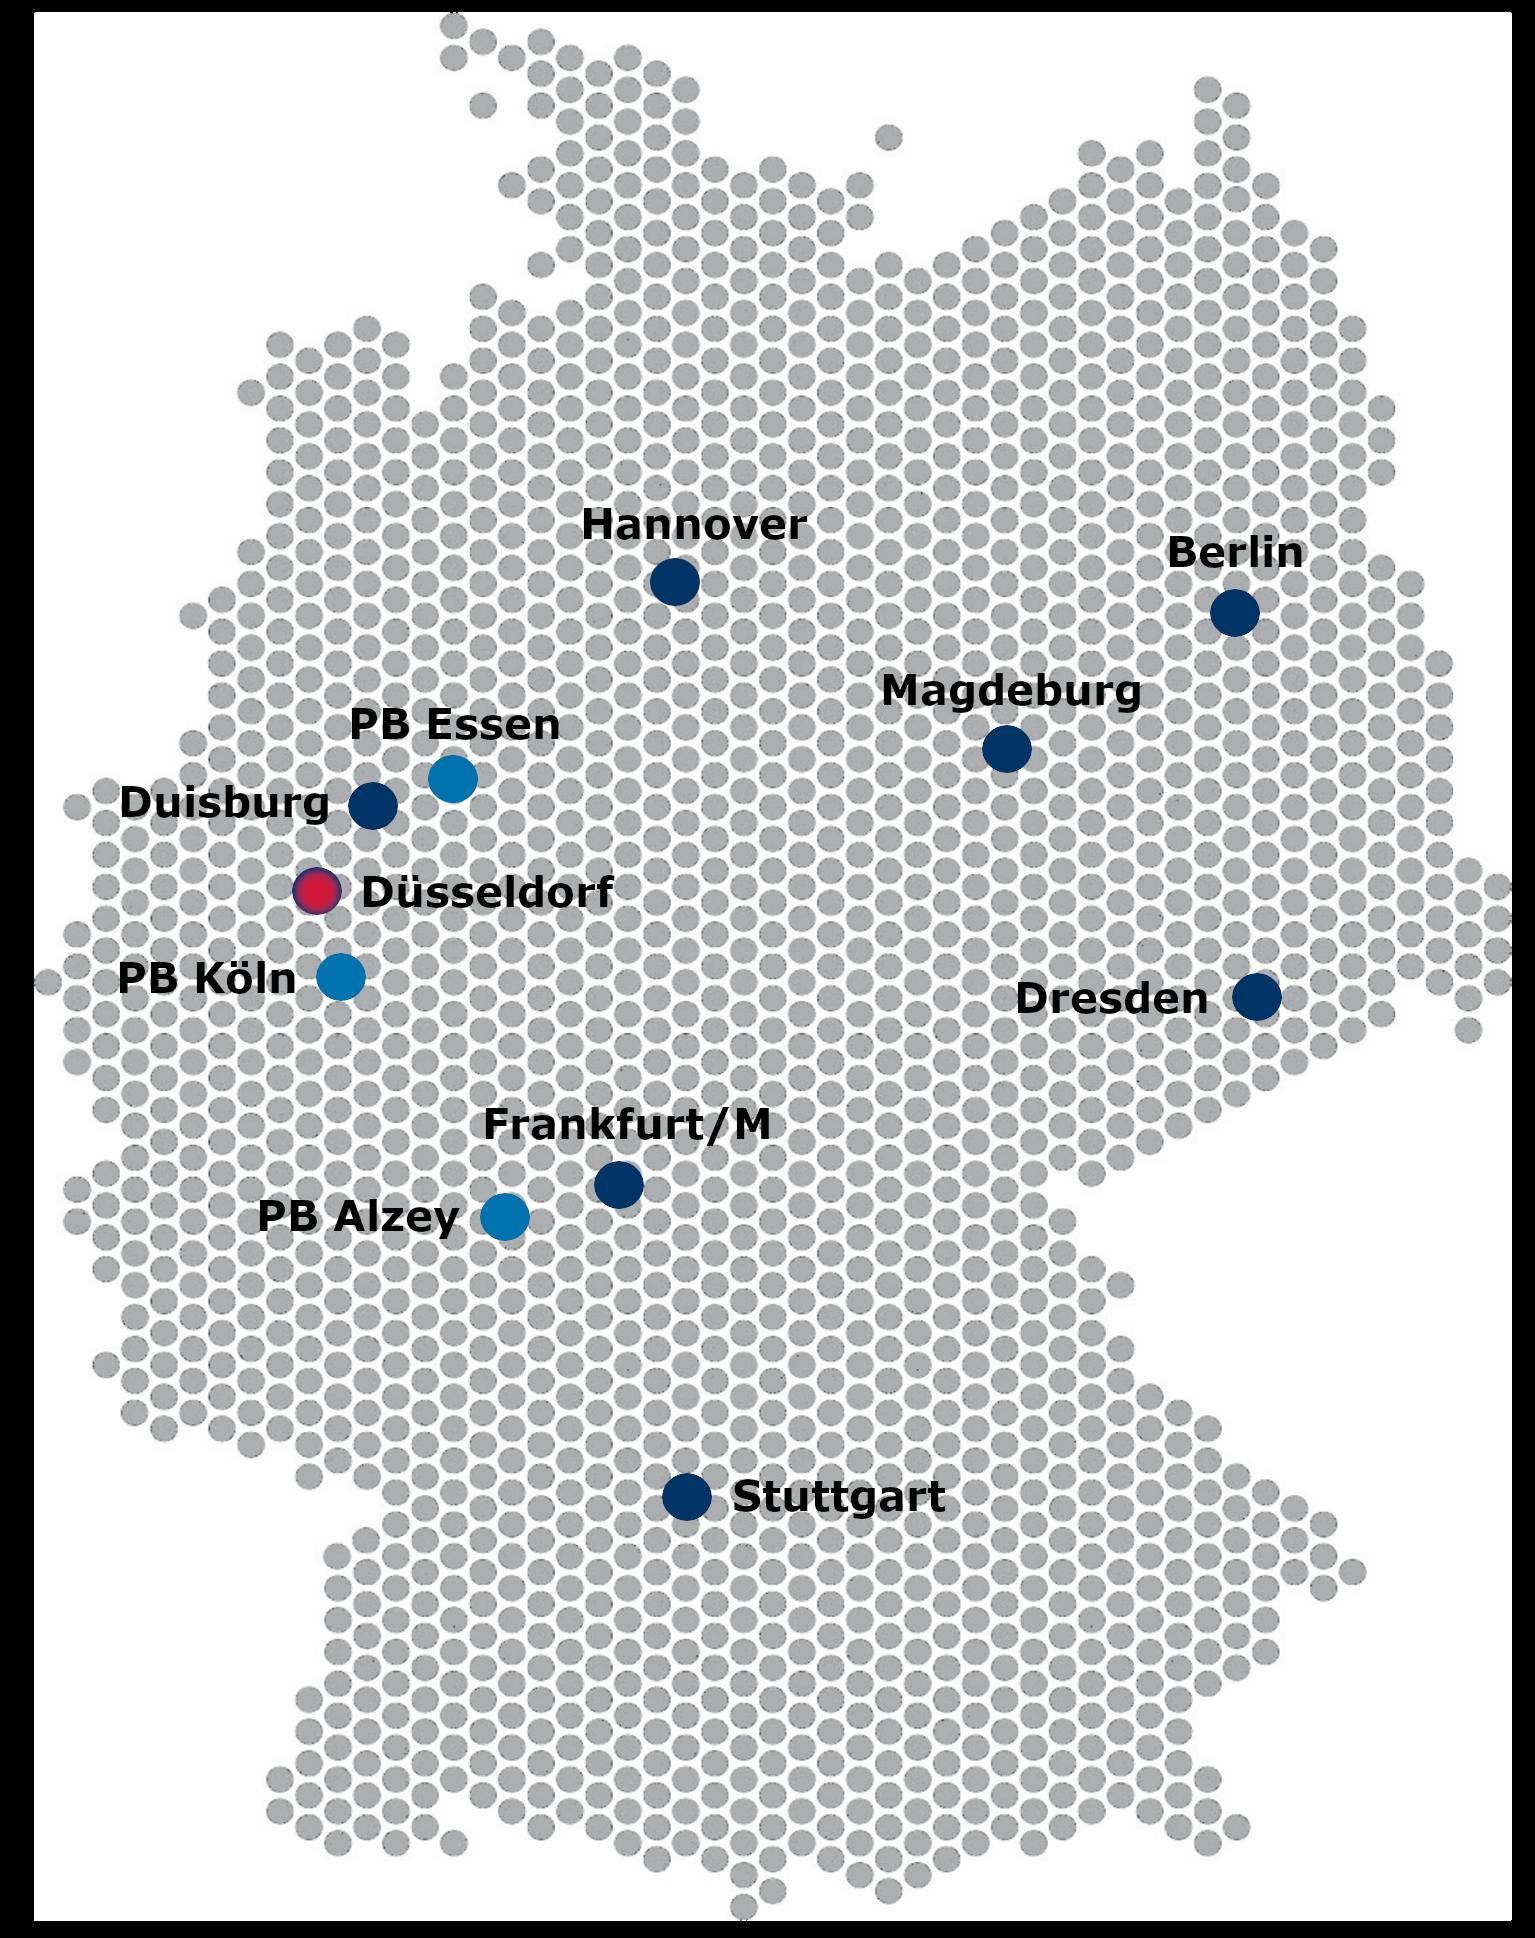 Niederlassungen Spiekermann - Spiekermann GmbH Consulting Engineers